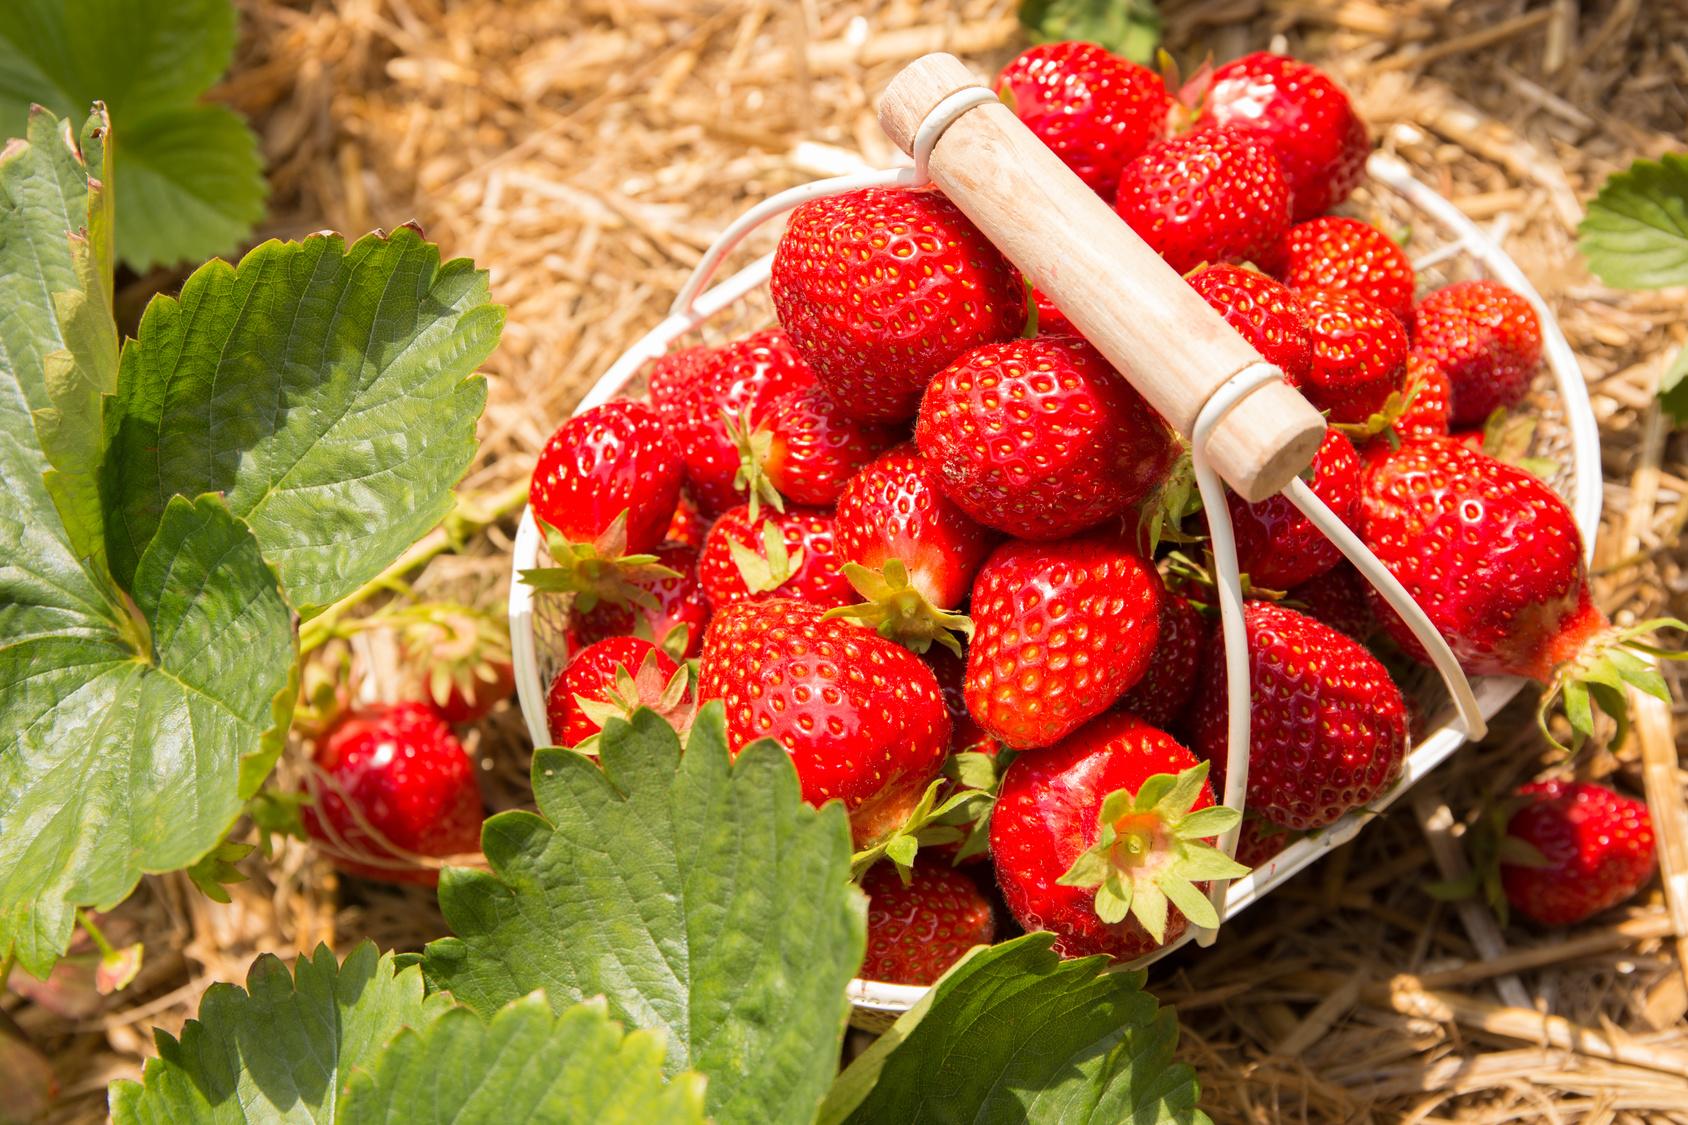 Krebskranke Kinder sollten frisches Obst essen können, drängen Forscher – sterile Kochkost senkt die Lebensqualität